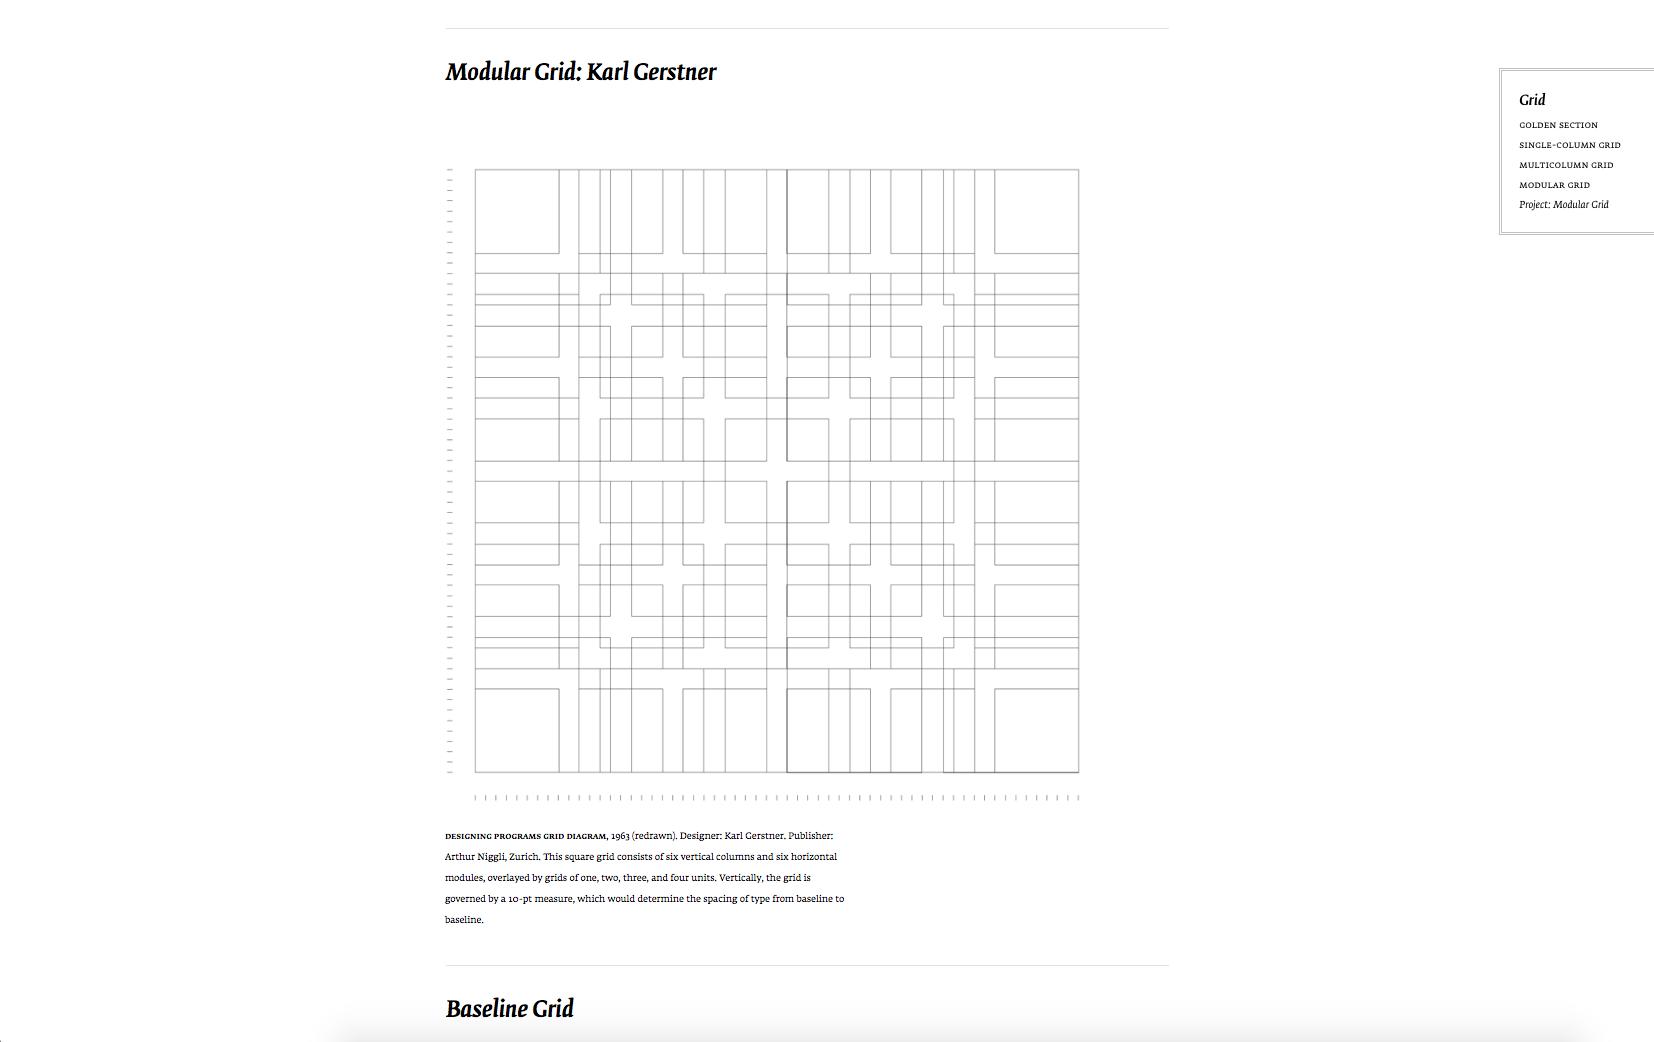 printscreen site ellen lupton